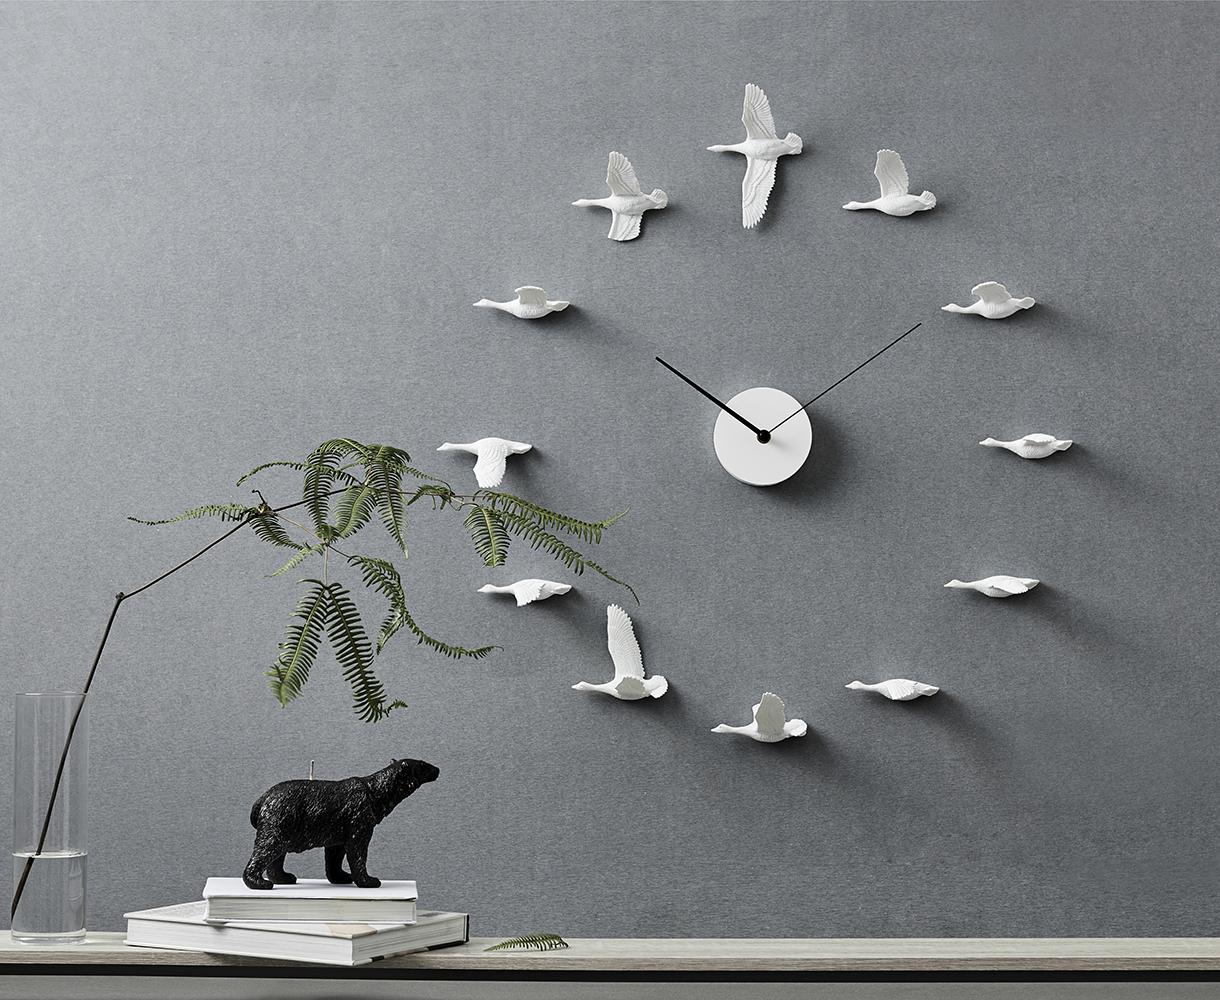 Migrujące ptaki na ścianie w postaci zegara